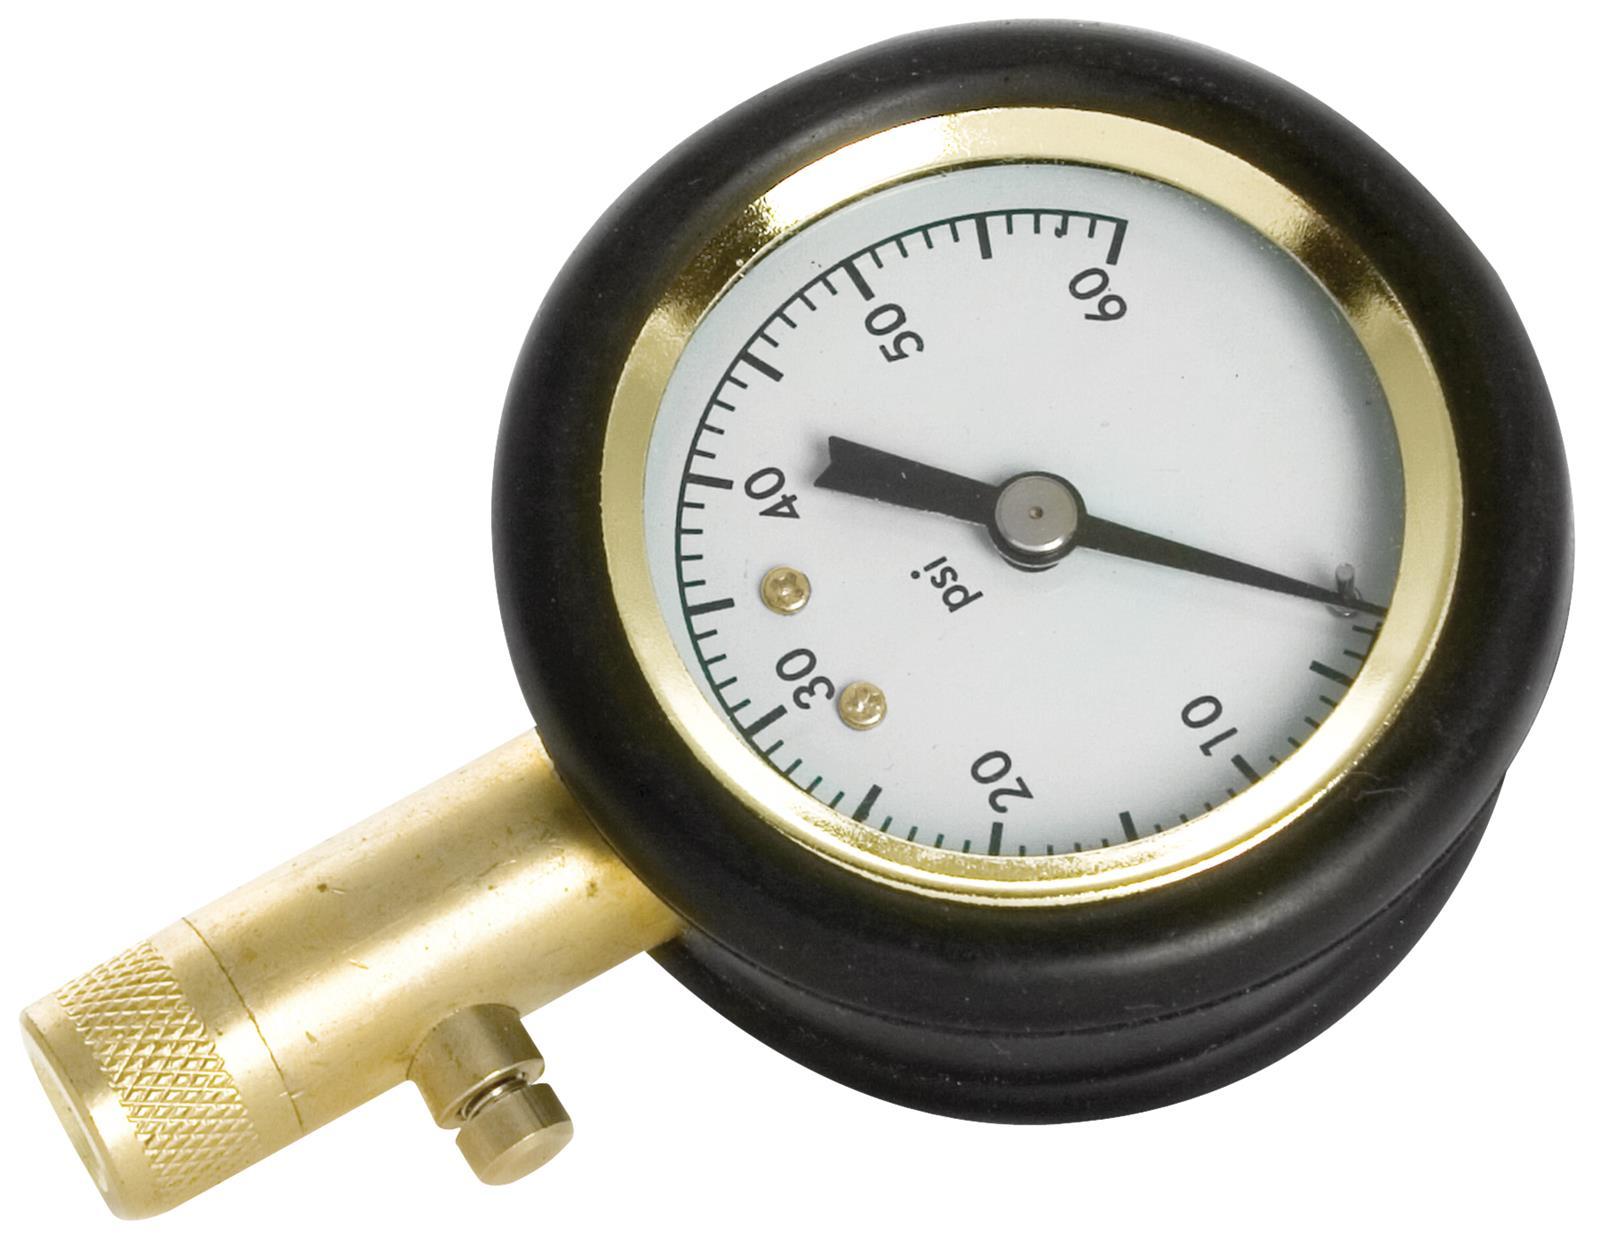 victor digital tire gauge manual